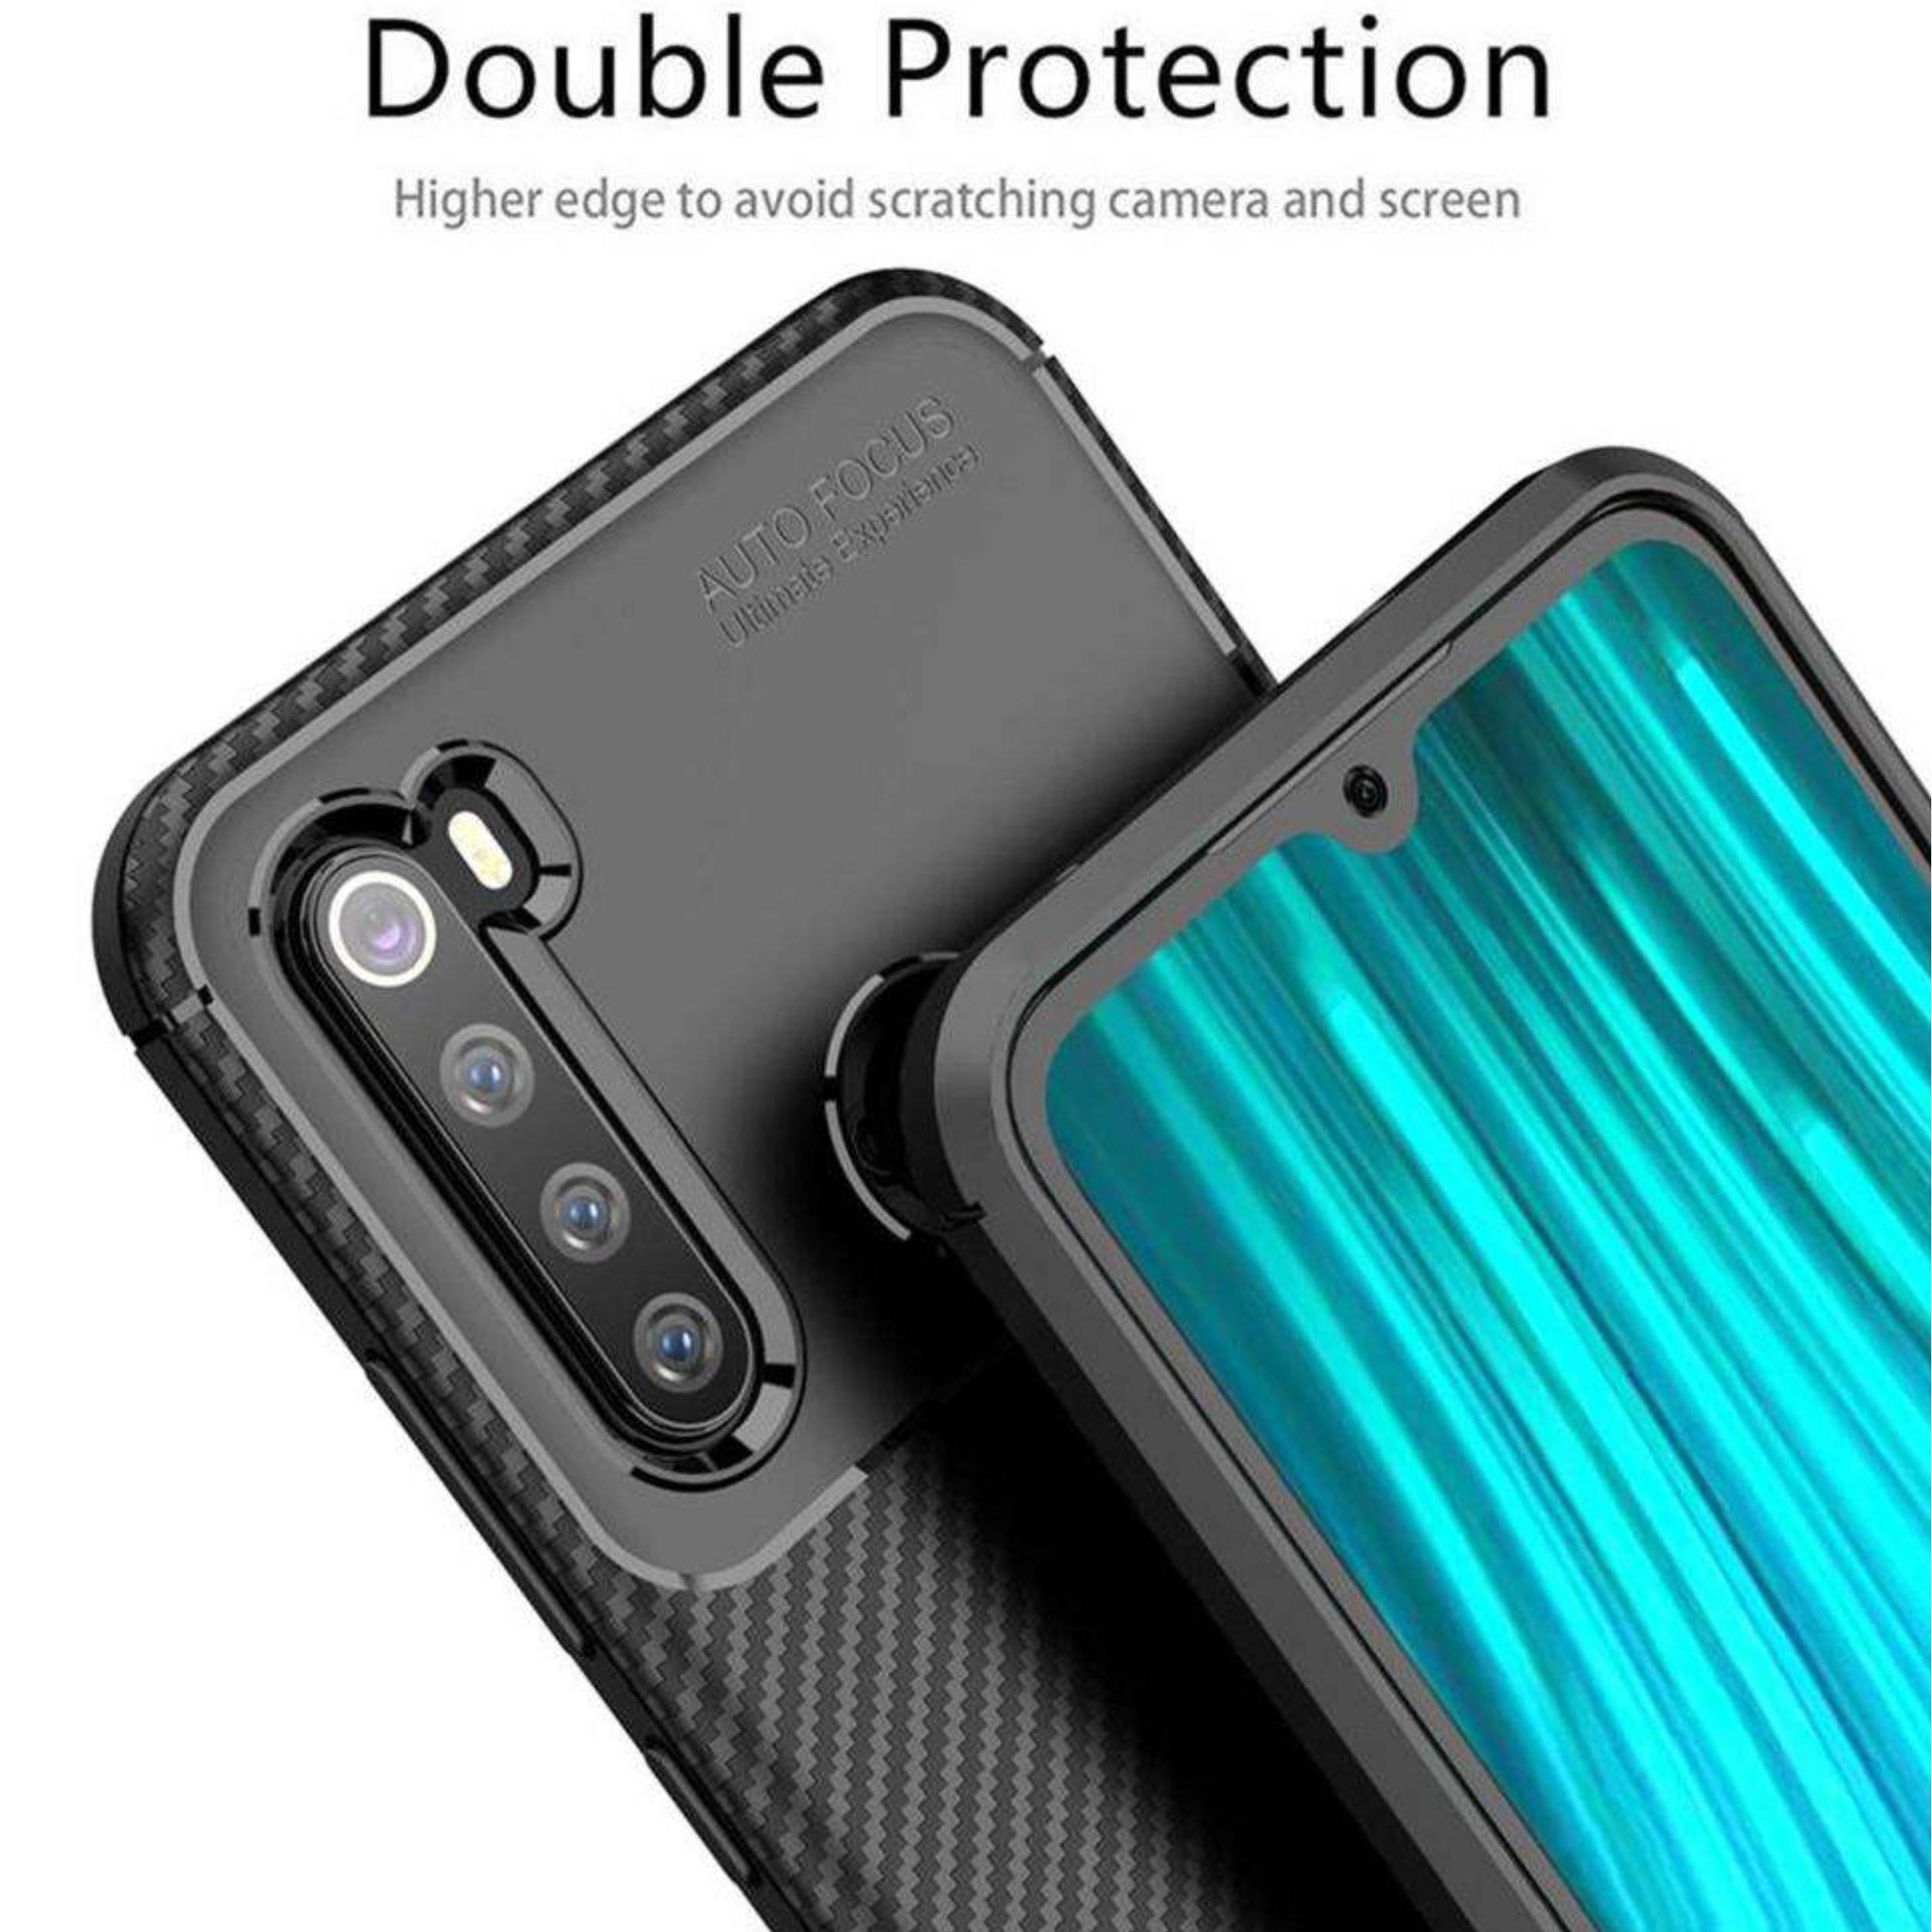 کاور لاین کینگ مدل A21 مناسب برای گوشی موبایل شیائومی Redmi Note 8T thumb 2 2